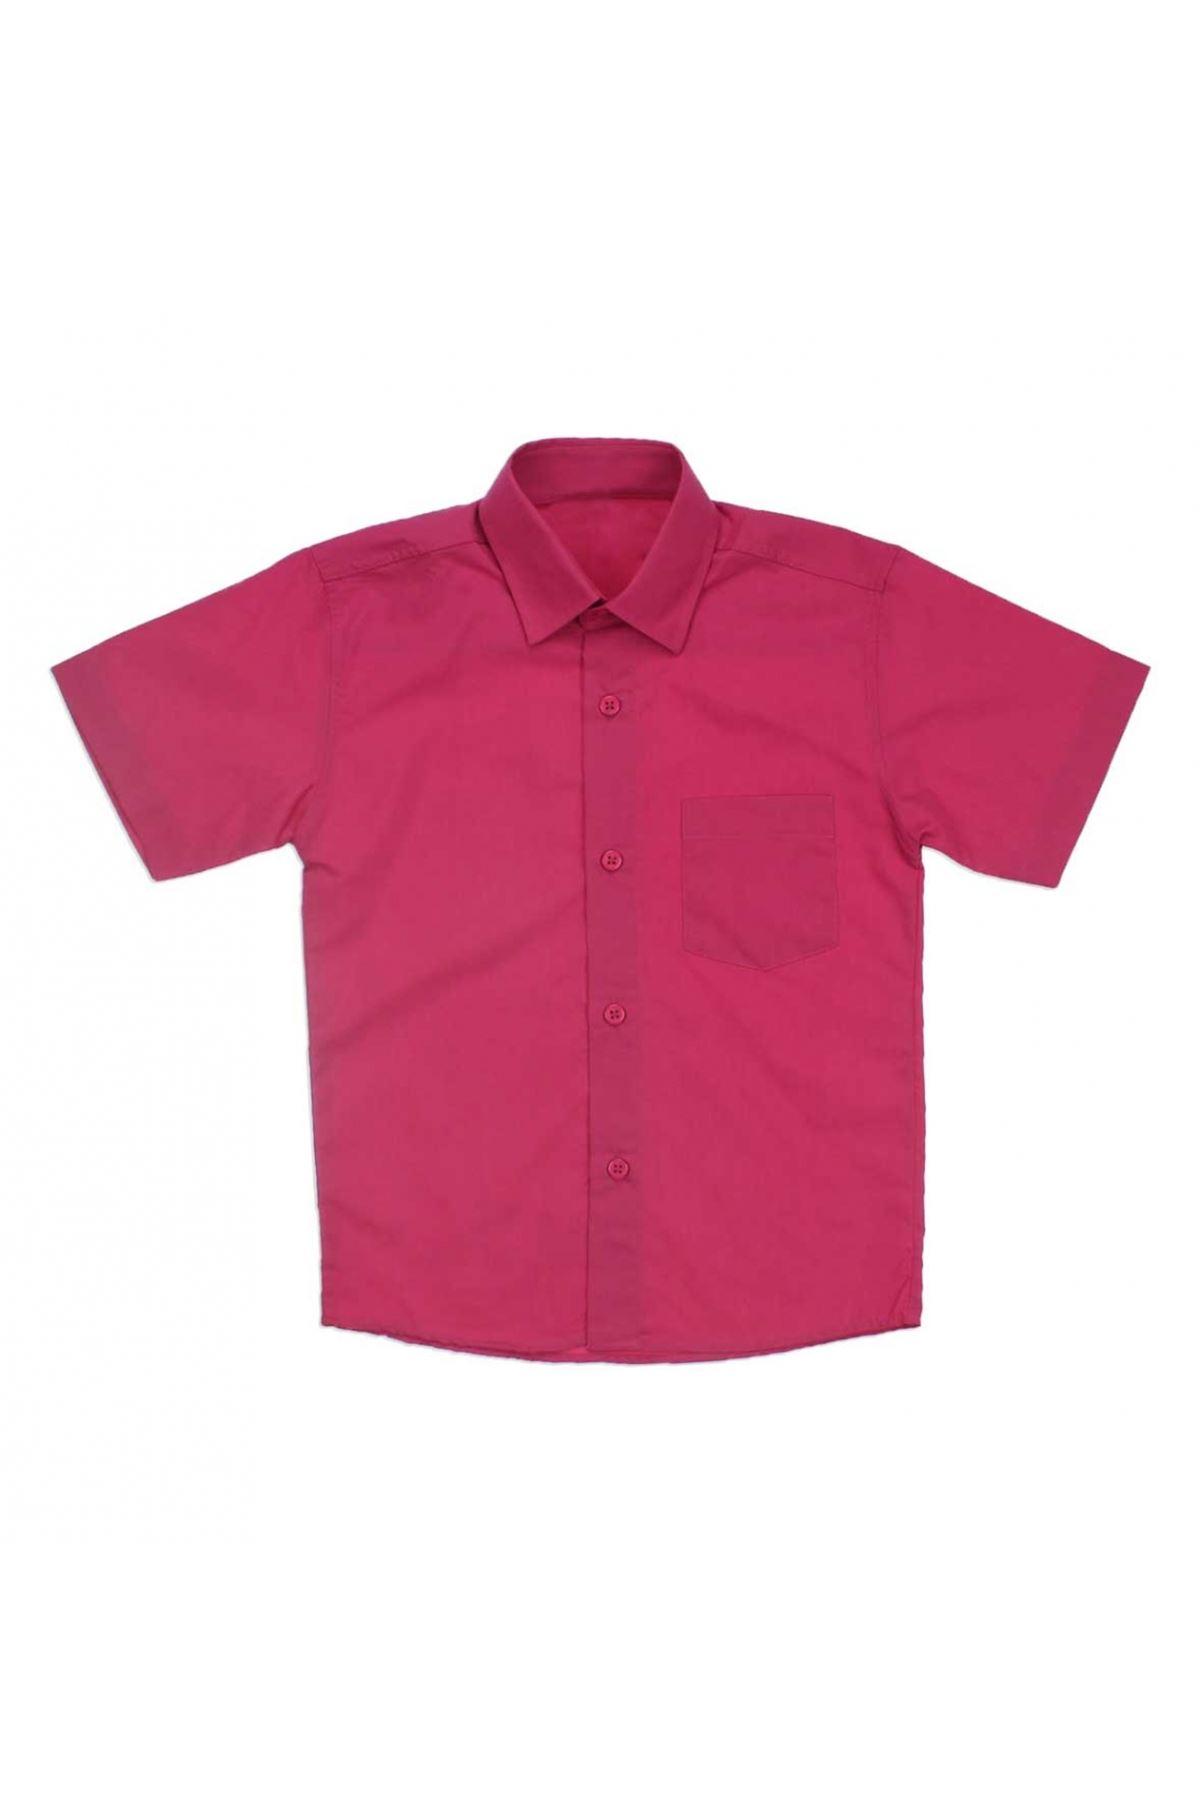 23 Nisan Erkek Çocuk Fuşya Gömlek